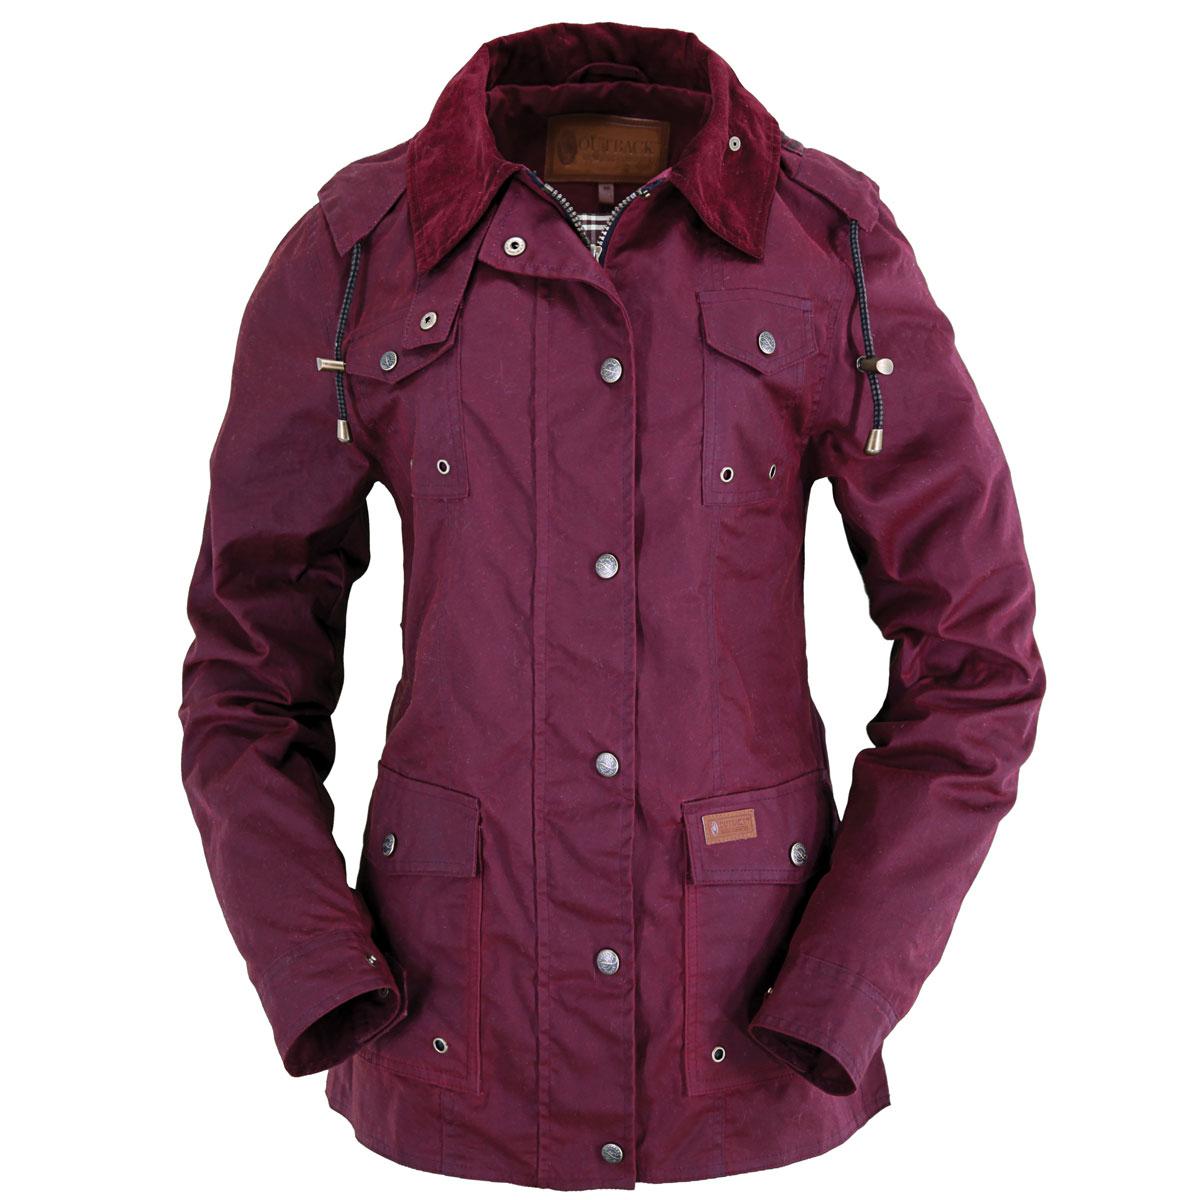 Outback Jill-A-Roo Oilskin Jacket